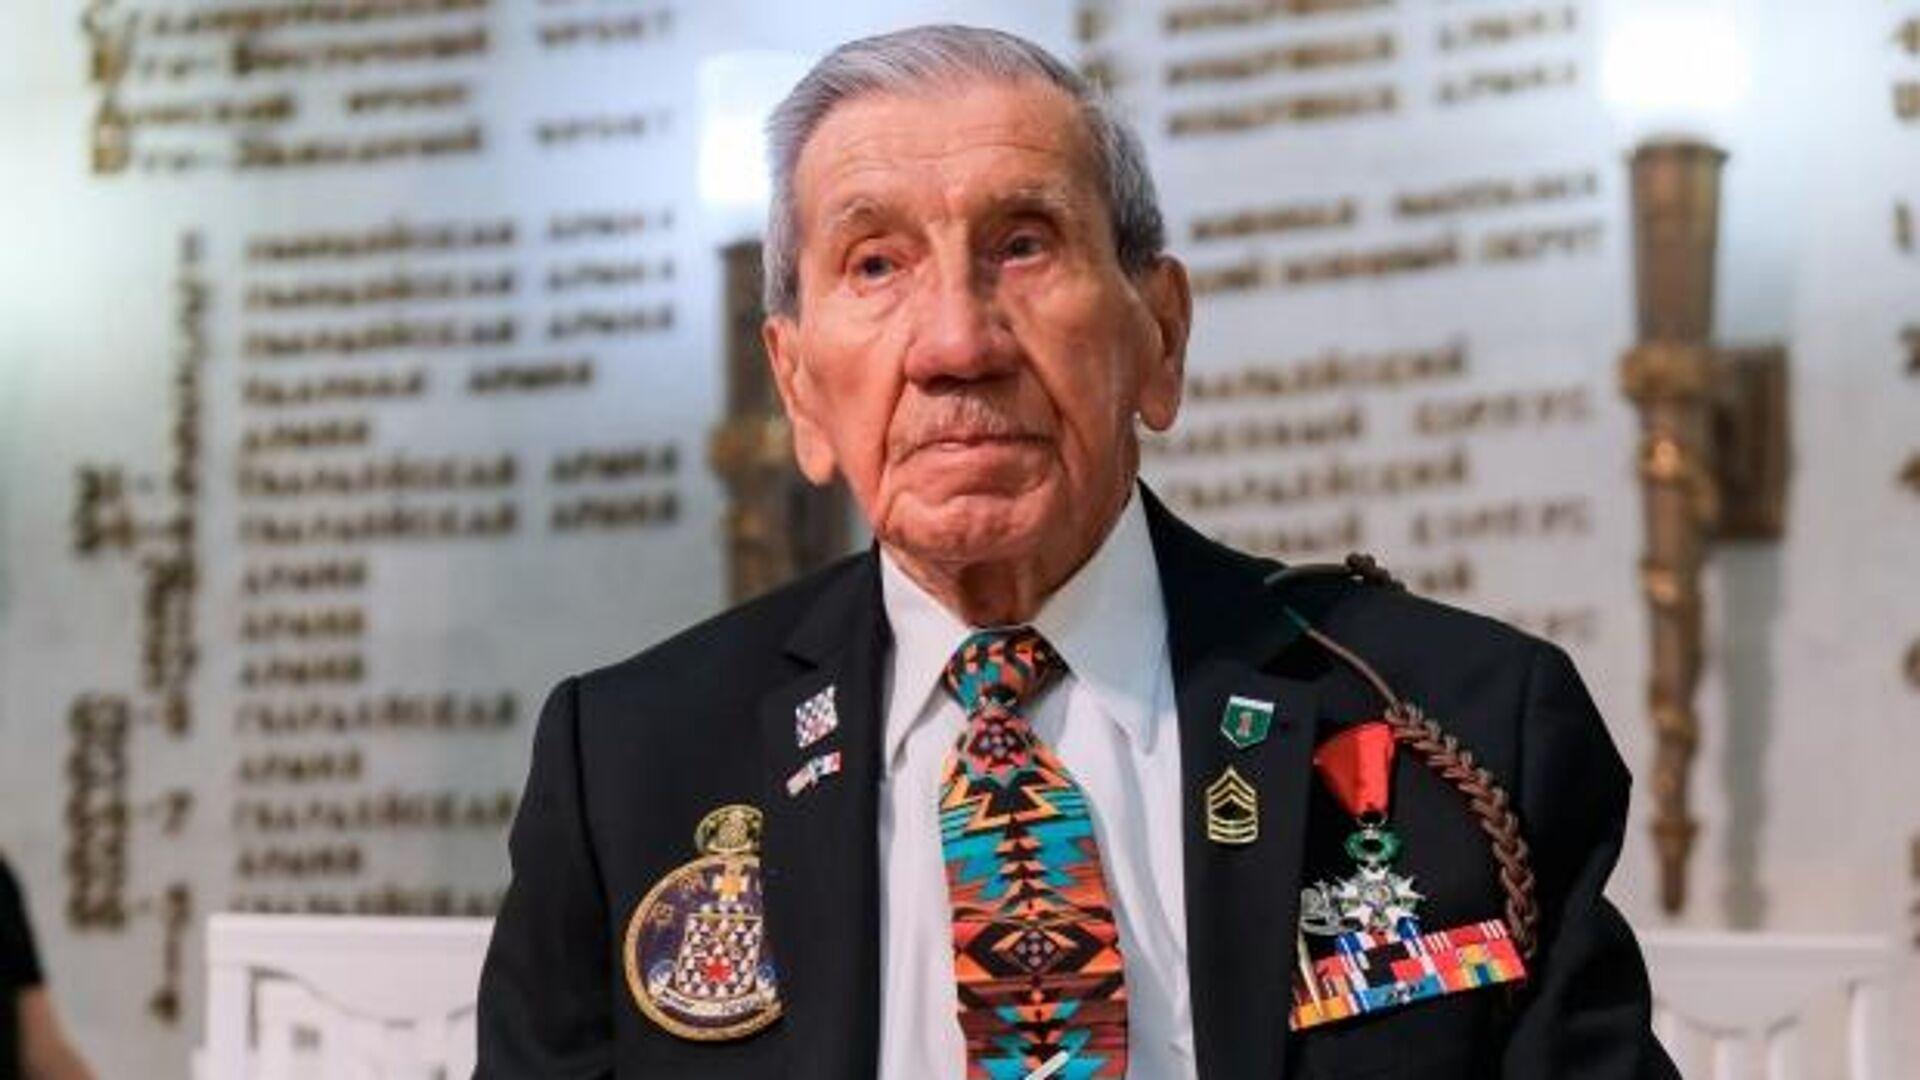 Ветеран Второй мировой войны Чарльз Норман Шей  - РИА Новости, 1920, 24.04.2021